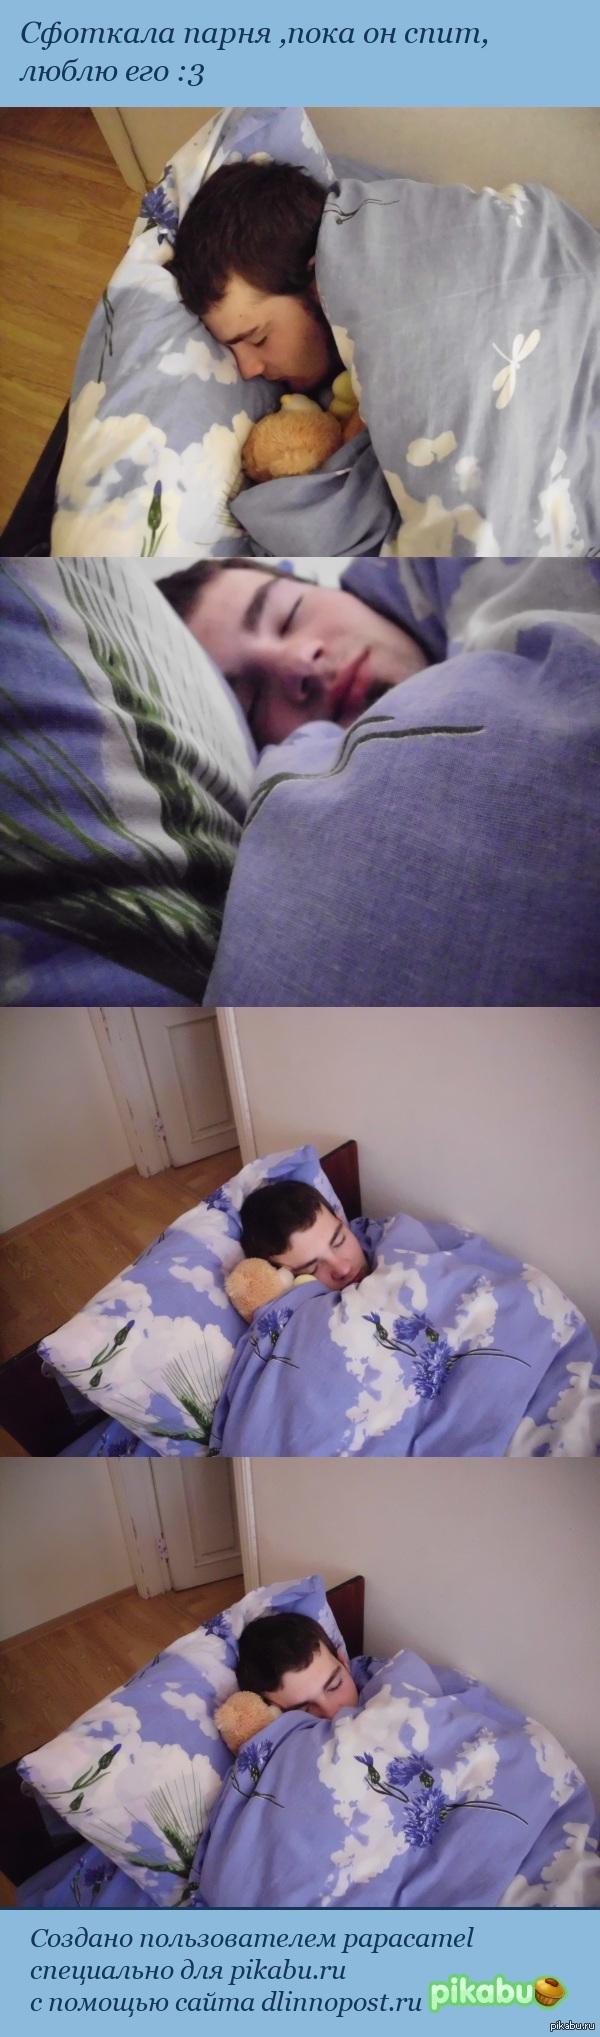 расслабляет сын засадил спящей тещи подарка